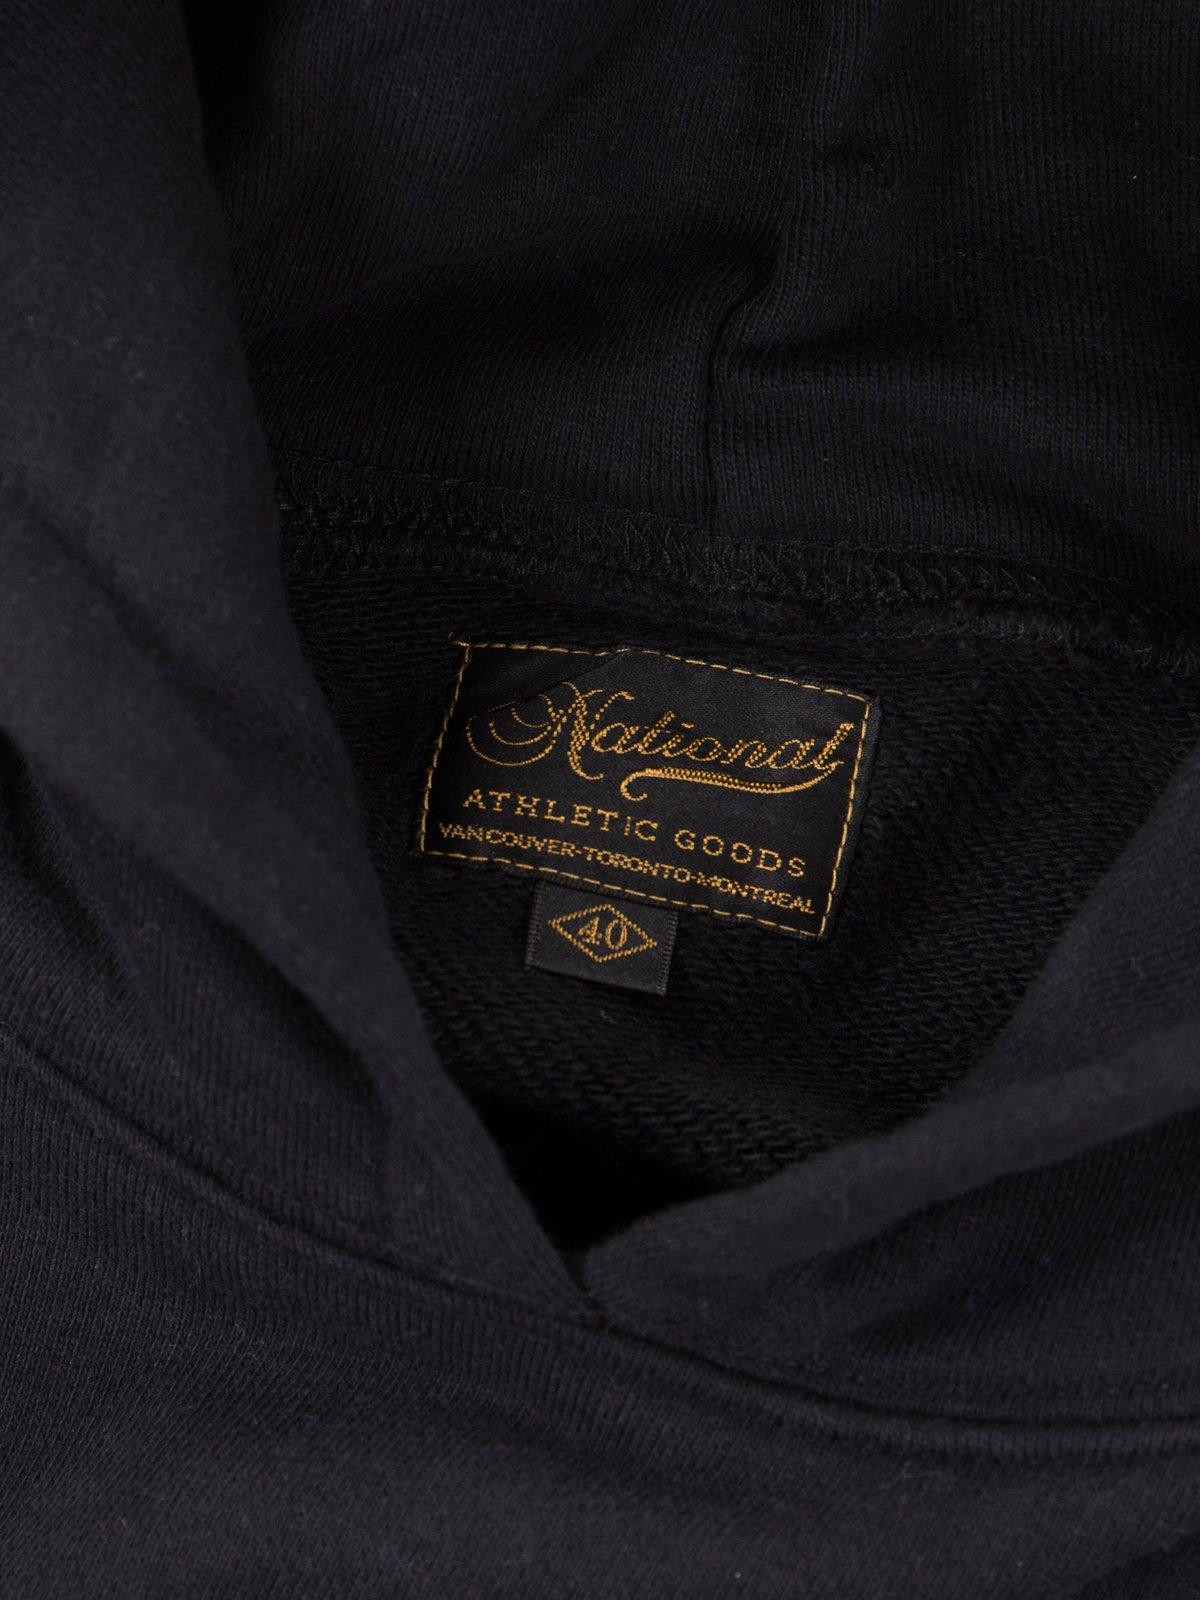 Black Gusset Pullover Parka - Image 6